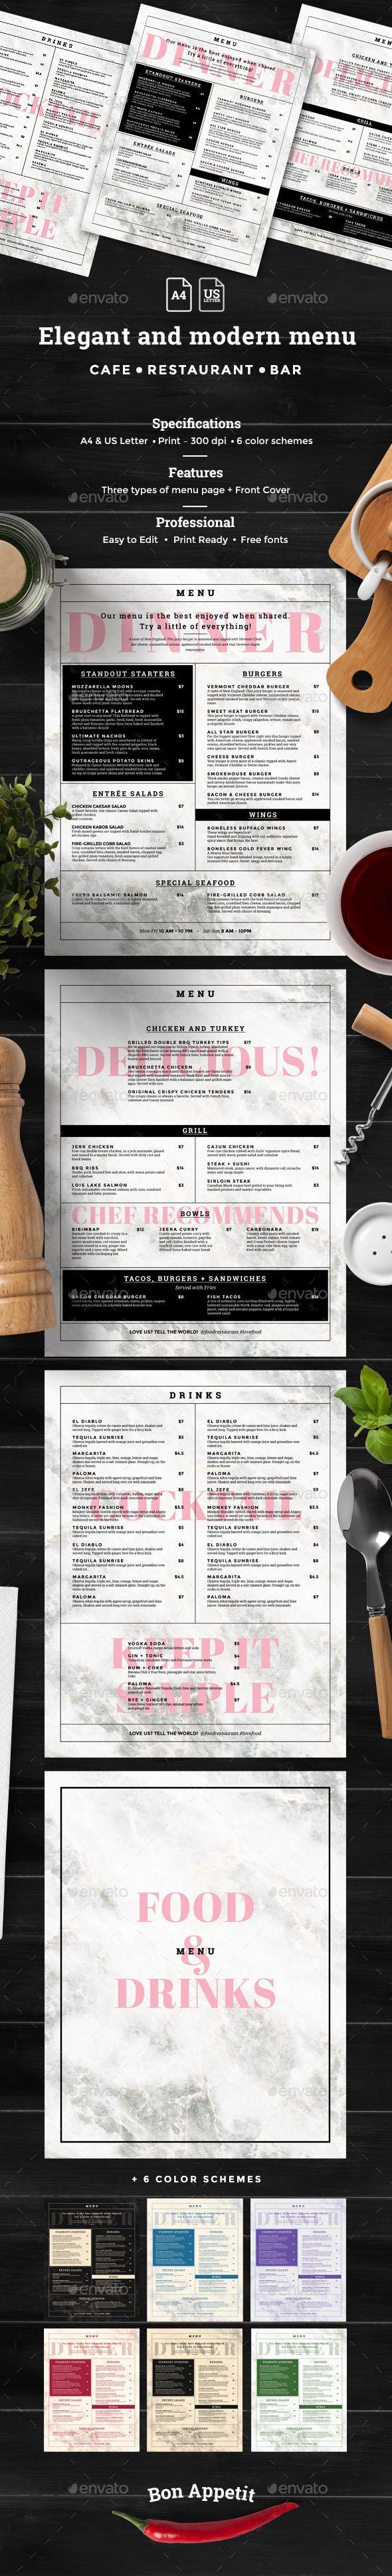 123 best Food Menu images on Pinterest | Food menu template, Menu ...